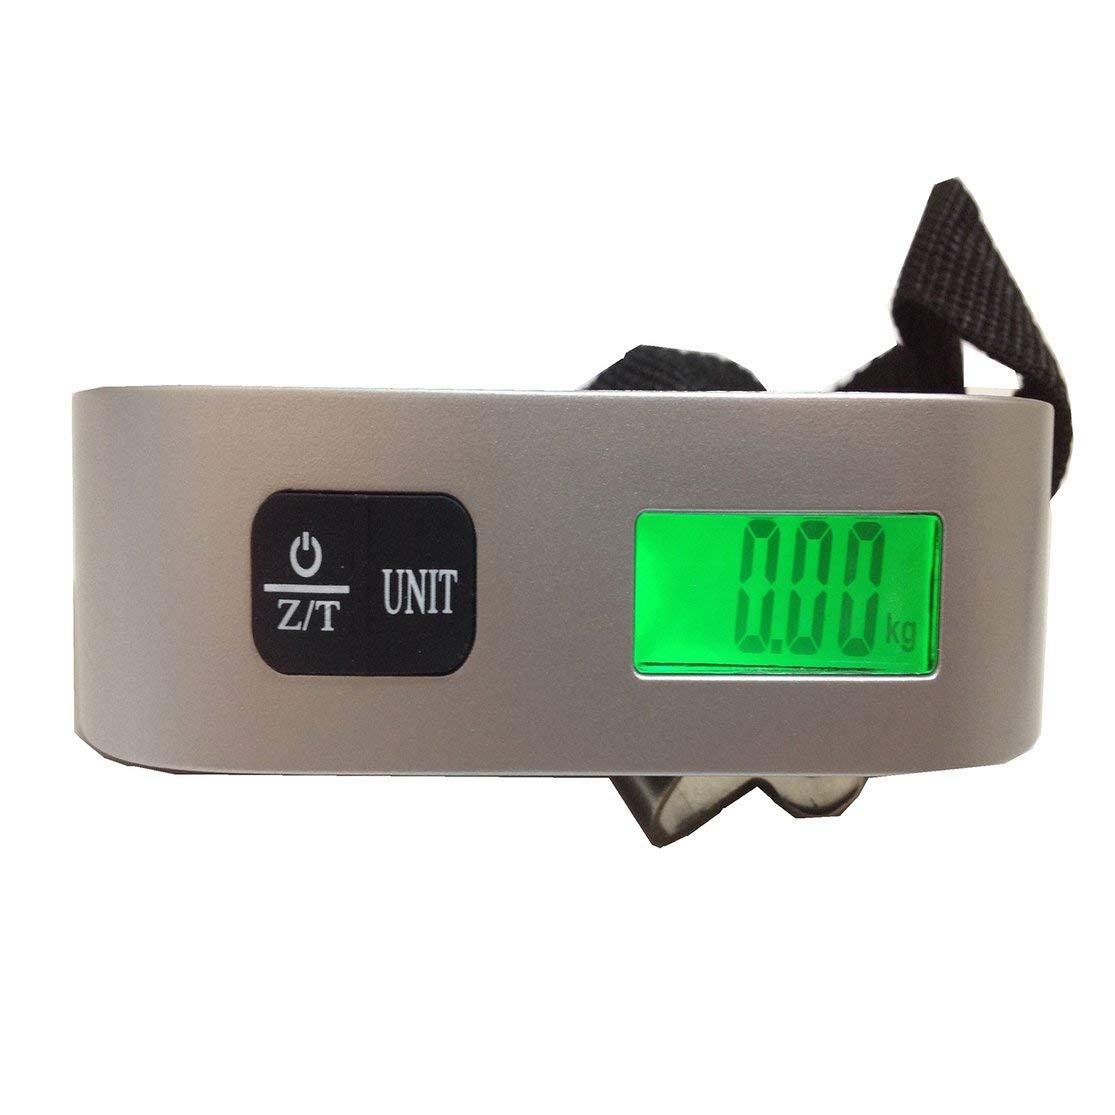 GY-014 50kg balance /électronique portable de bagages balance de voyage portable Gy-014 T balance portable de bagages 50kg r/étro/éclairage Kaemma Couleur: Argent